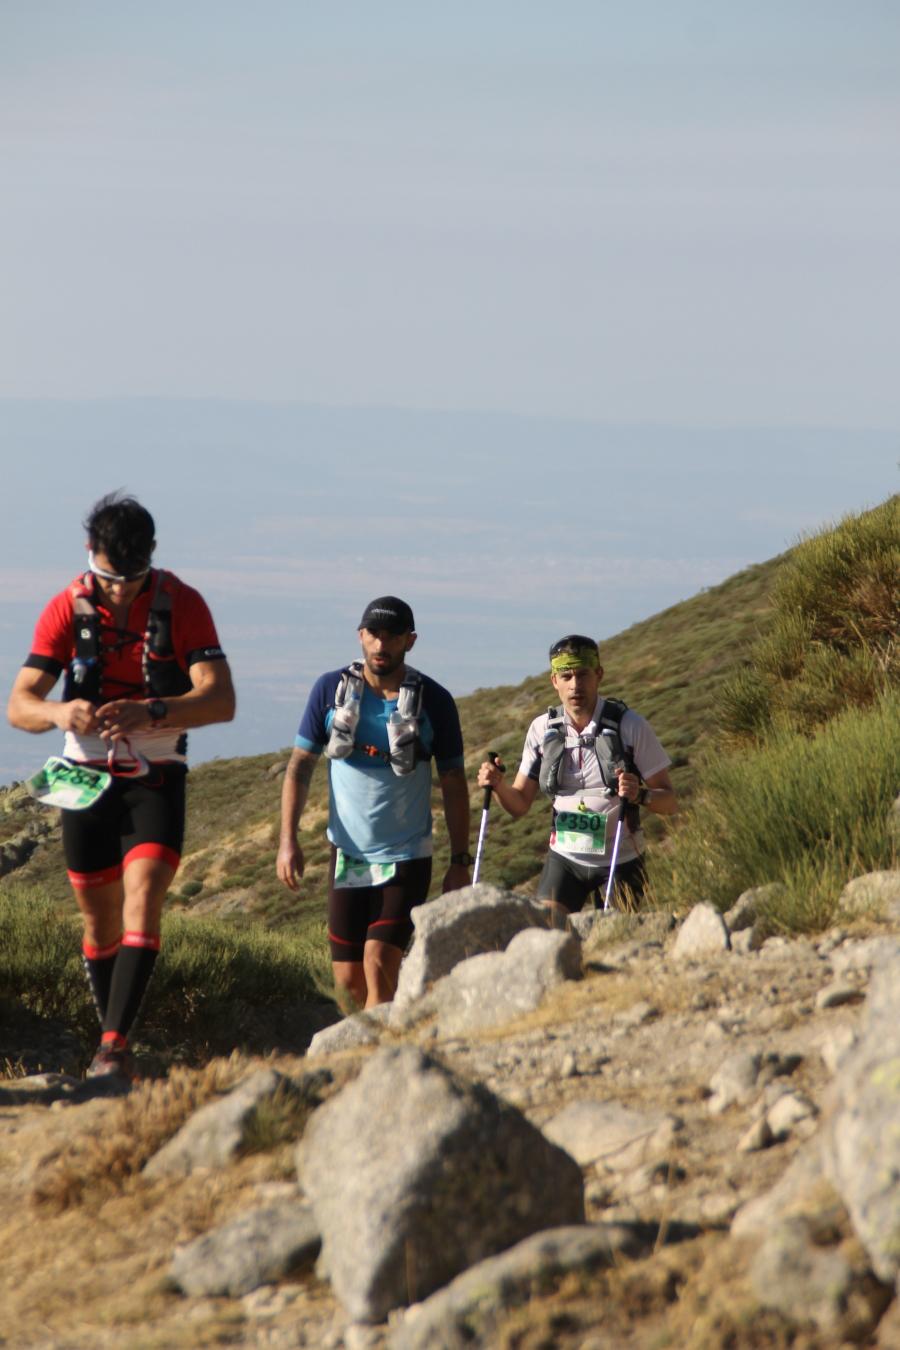 prensa, correrporquesi, correr por montaña